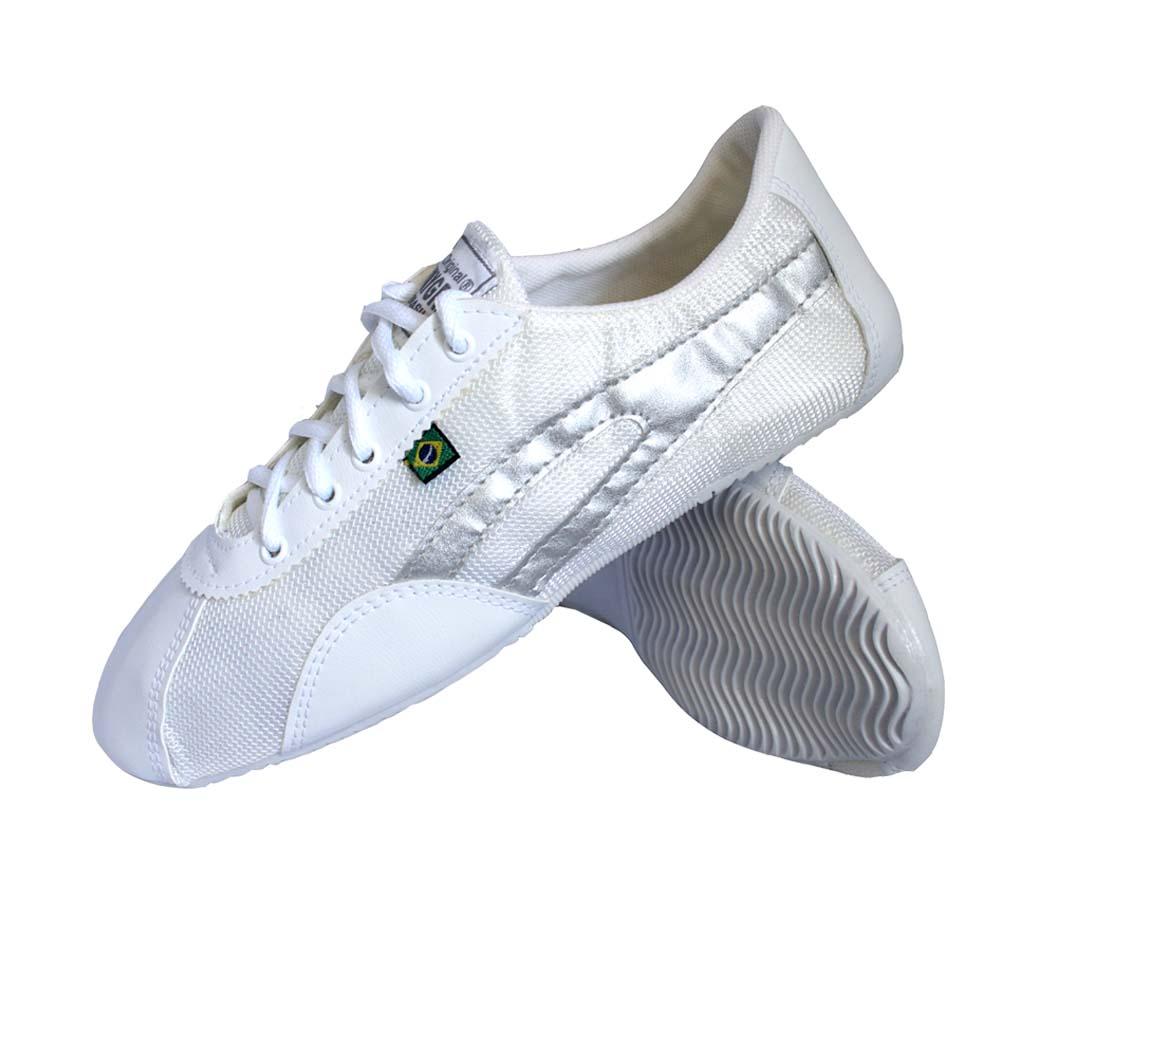 Chaussure Basket Slim Blanc/Argent